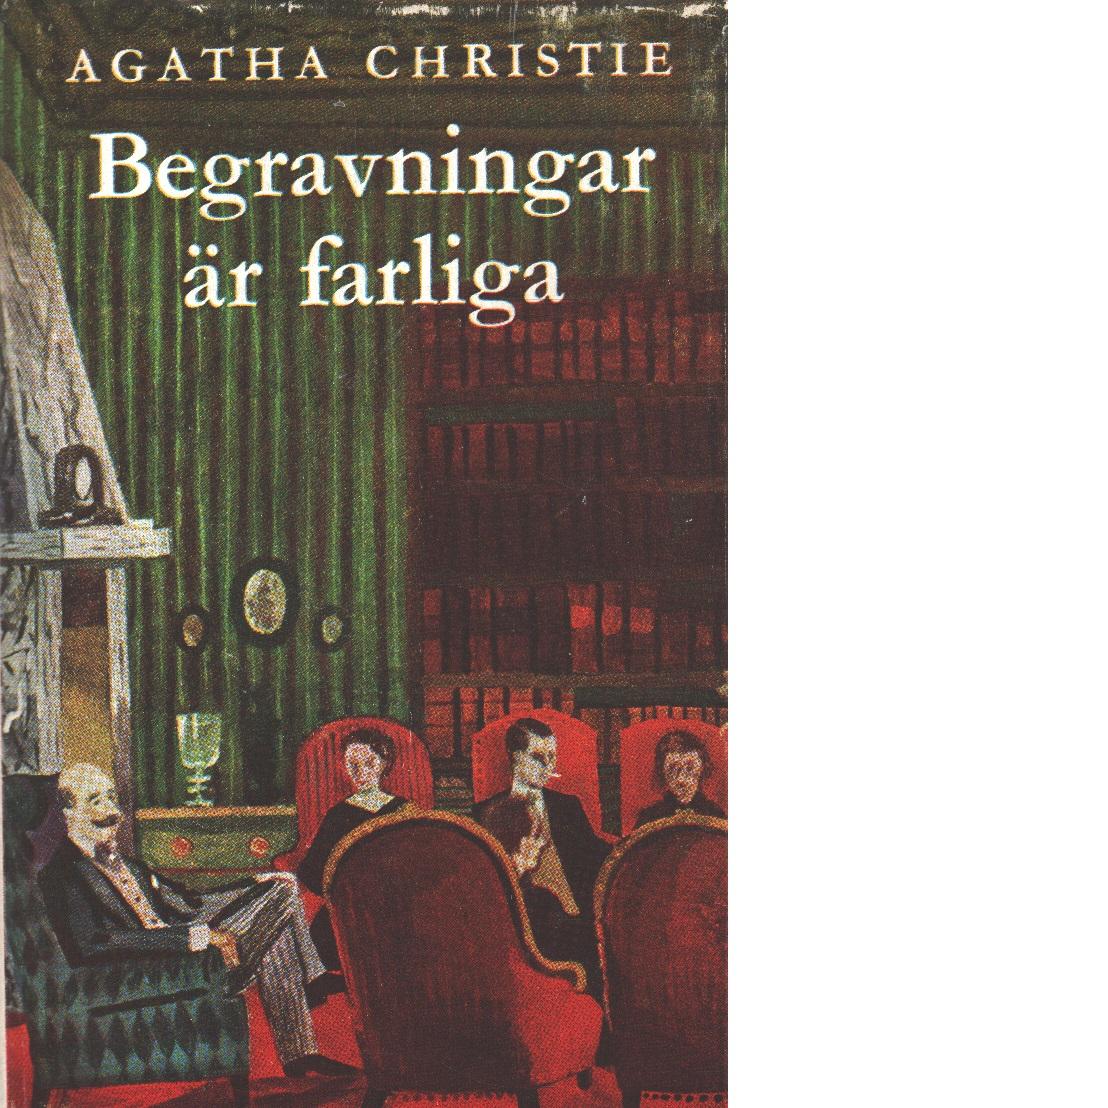 Begravningar är farliga - Christie, Agatha